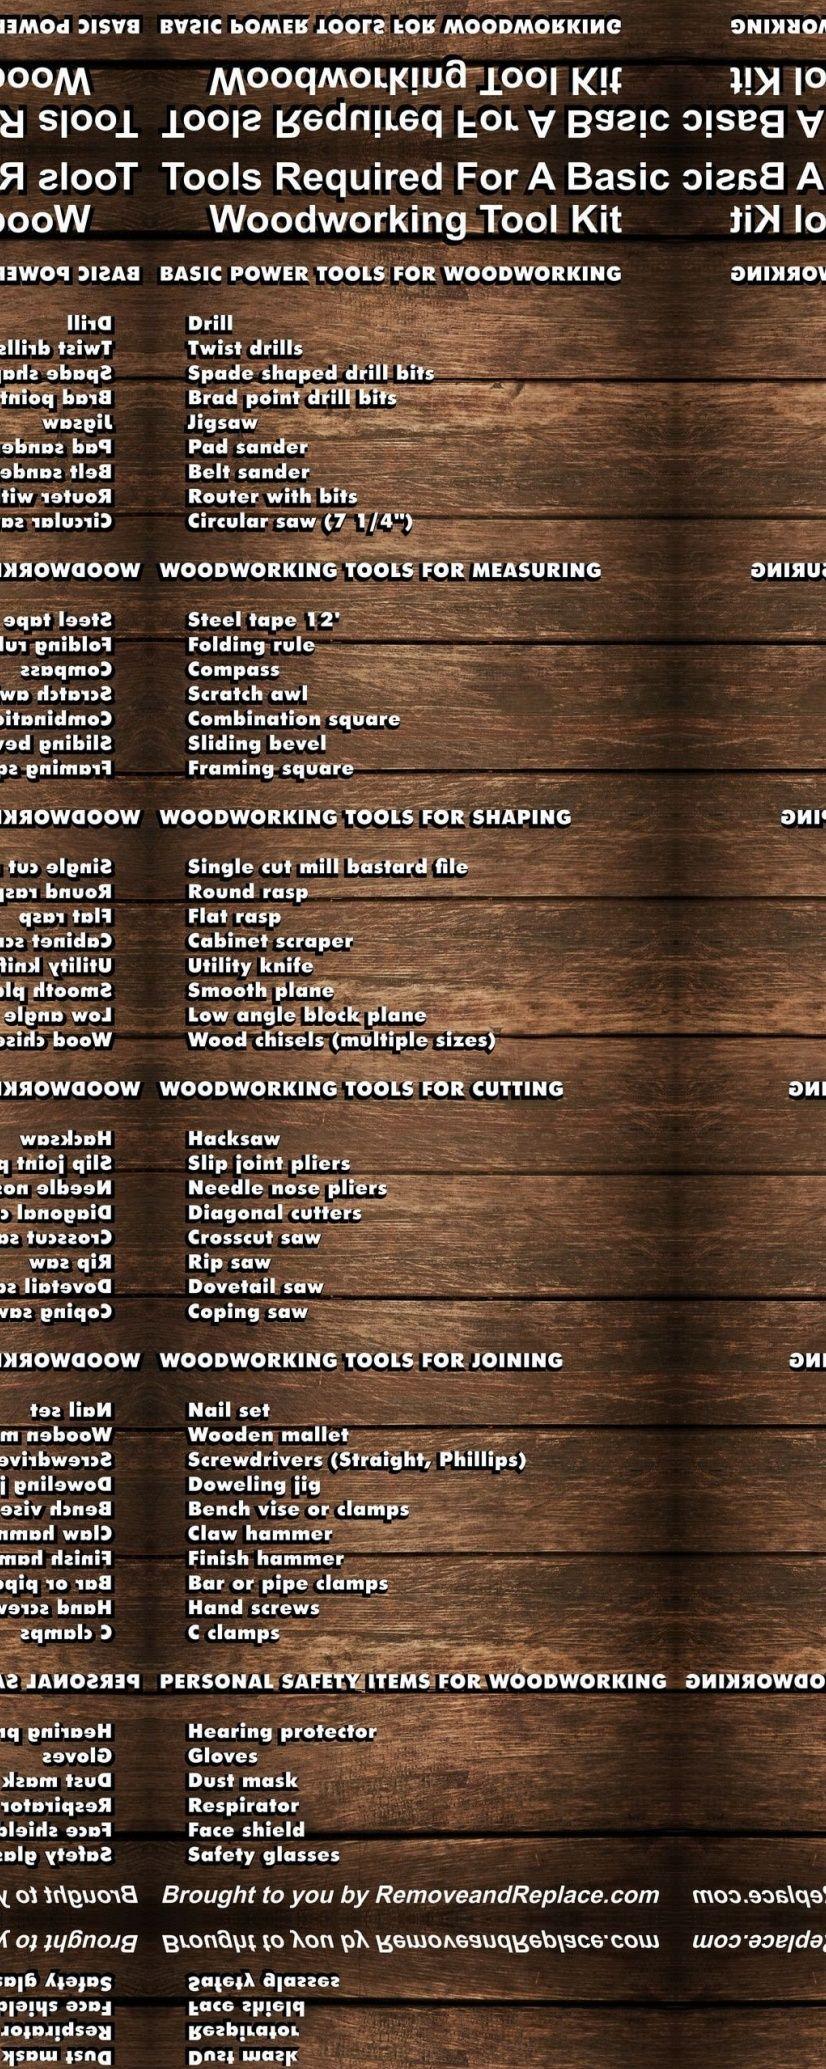 # Holzbearbeitung #Holzbearbeitung #woodworking crafts christmas #woodworking crafts diy #woodworking crafts hobbies # Holzbearbeitung #Holzbearbeitung #woodworking crafts christmas #woodworking crafts diy #woodworking crafts hobbies #artesanato #para #vender #handmade #portugal #comprar #o #arrendar #feitoamao #lisboa #arte #a #remax #lojaonline #sempre #imobiliario #luz #belem #moradia #acessorios #happy #remaxplatina #loja #beach #casa #coimbra #que #boho #sea #realestate,</p>